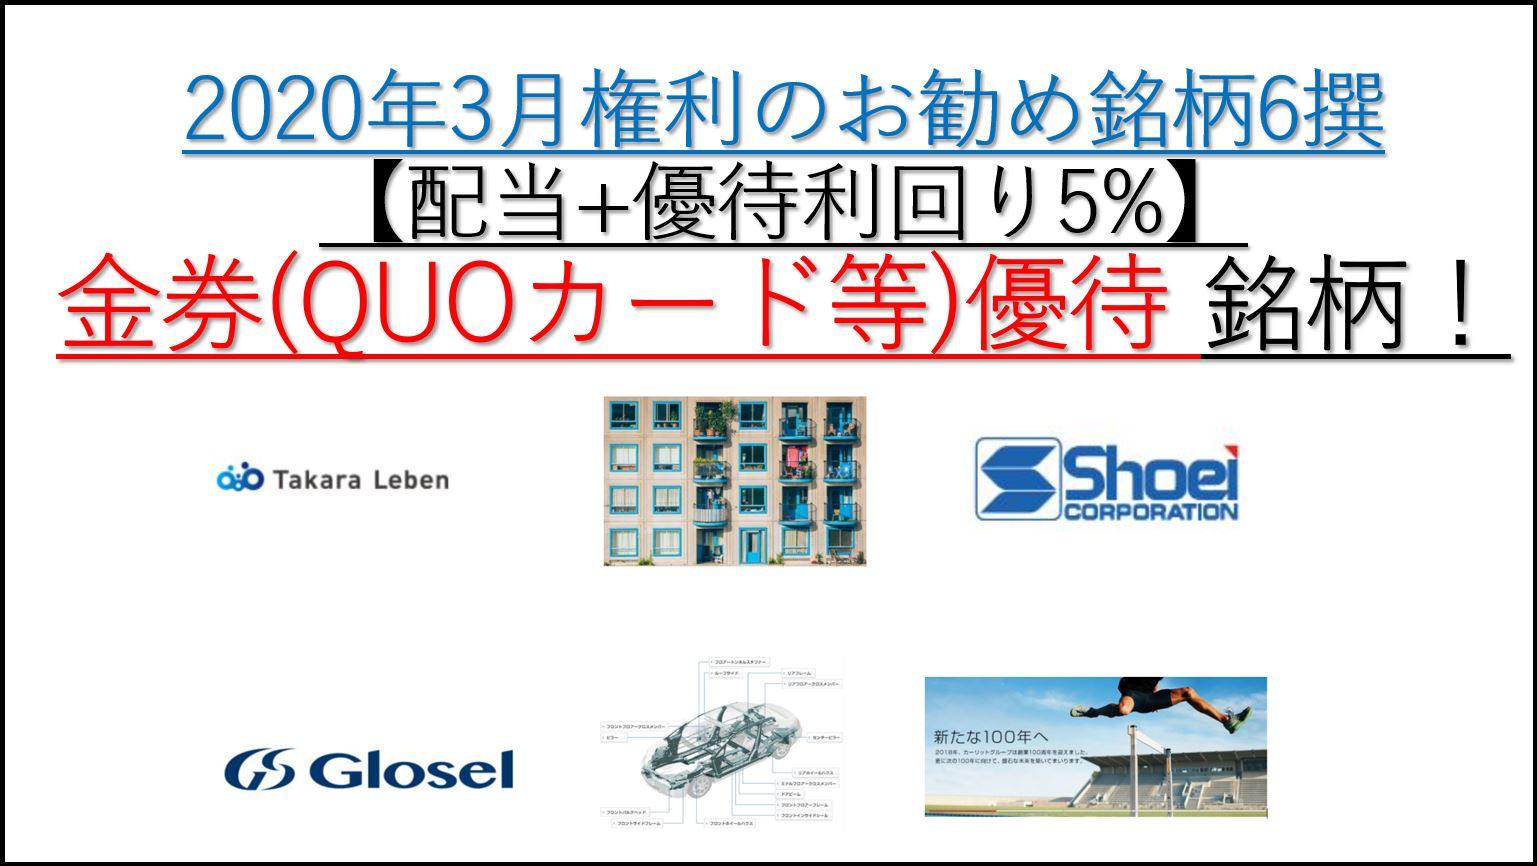 2020年3月権利-金券株主優待銘柄-アイキャッチ